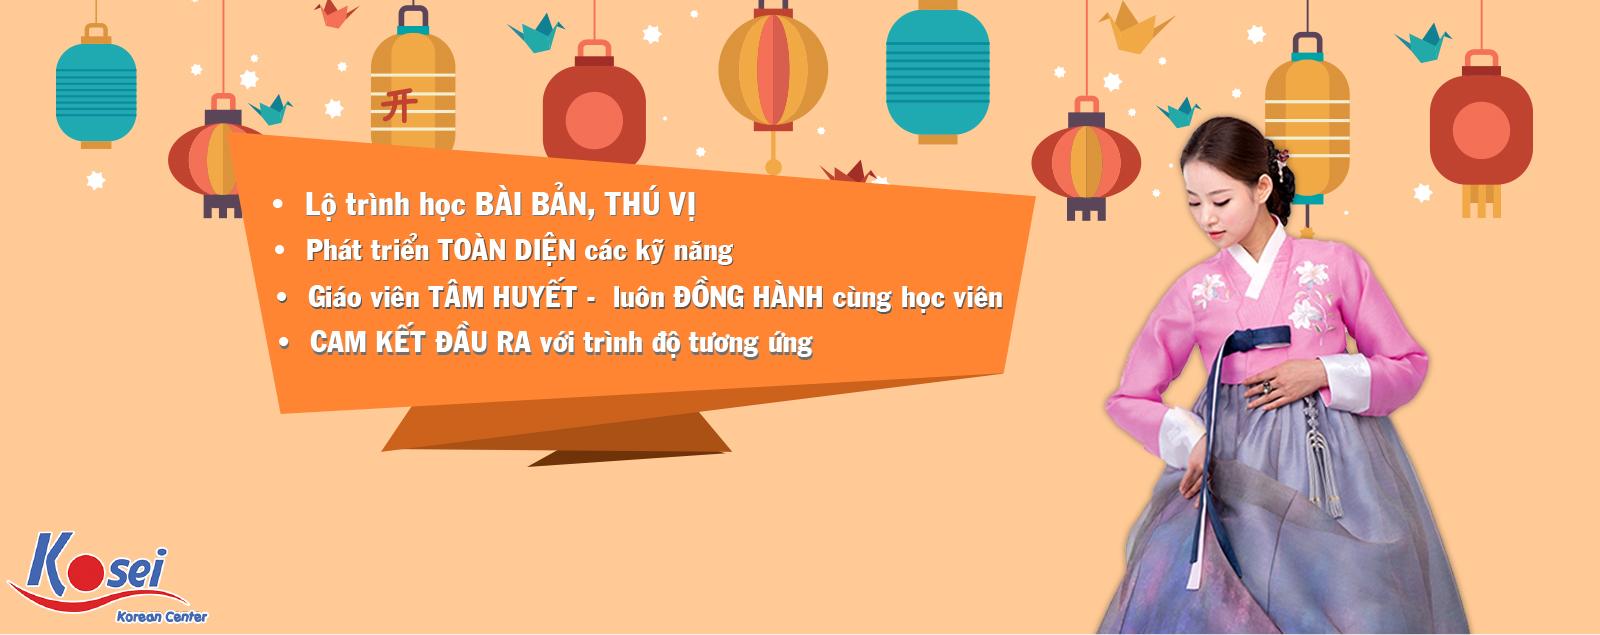 du-hoc-han-quoc_grande